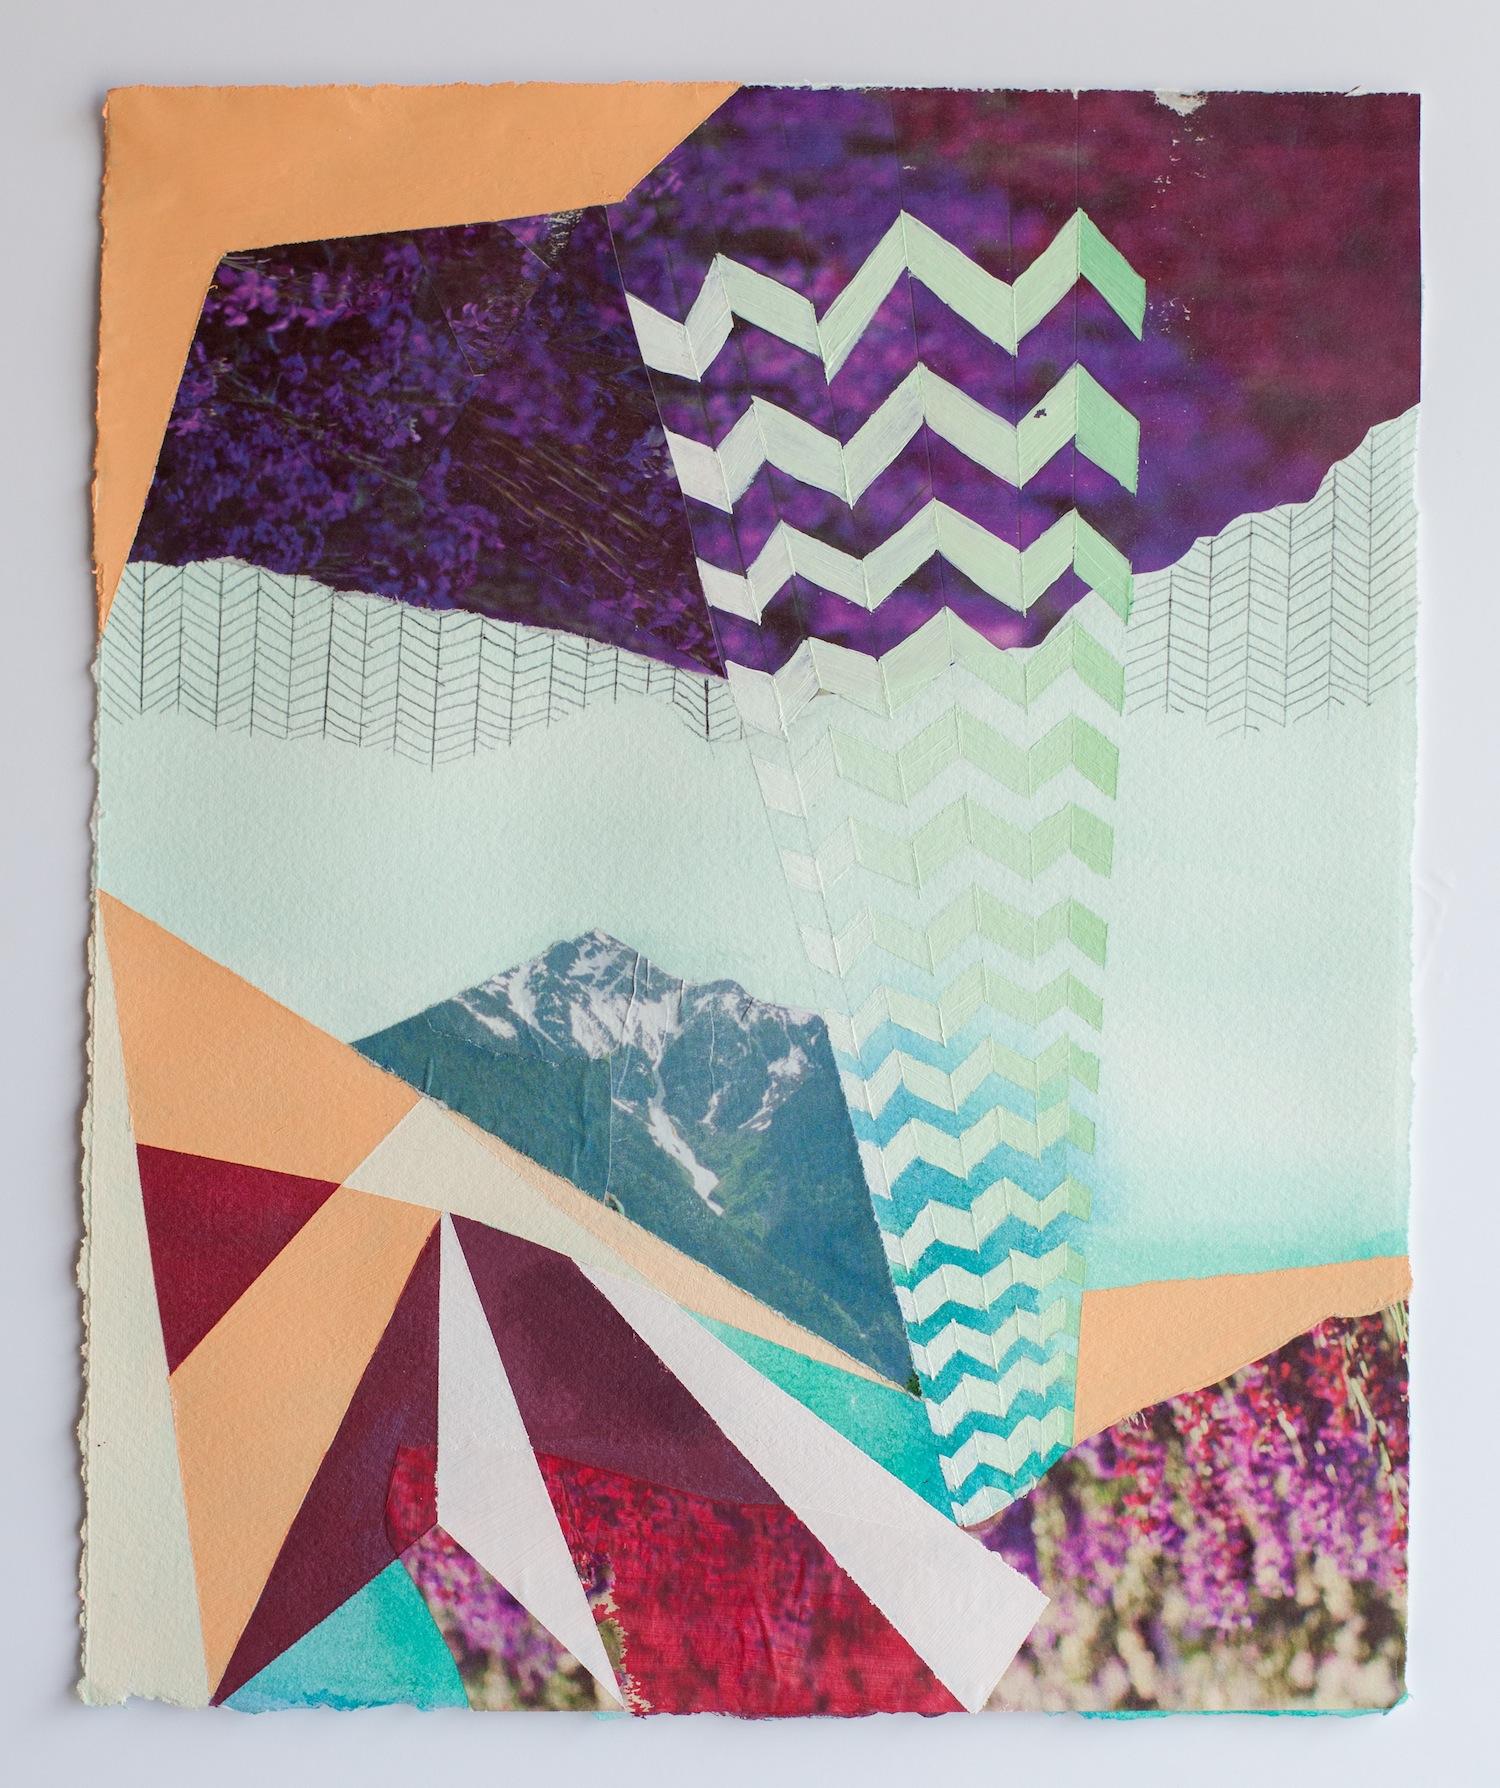 Seeking Mountains, 2013